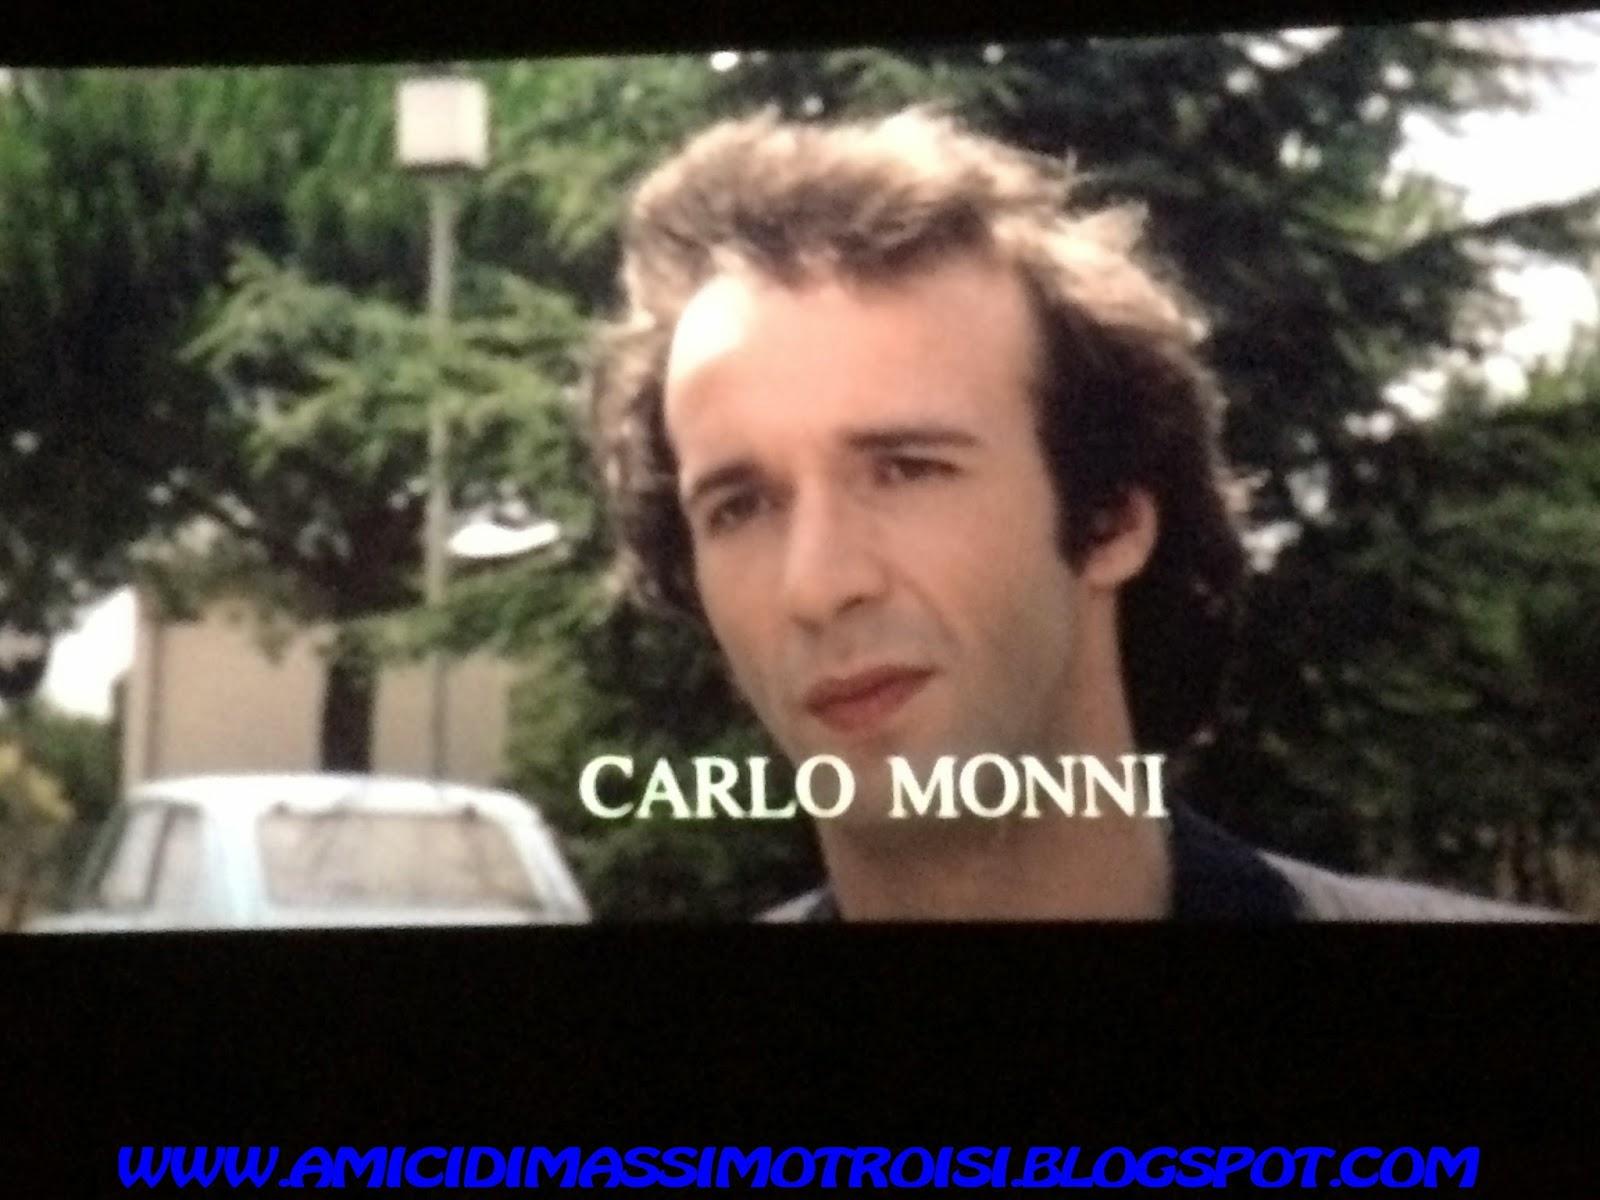 Massimo Troisi Roberto Benigni Non ci resta che piangere